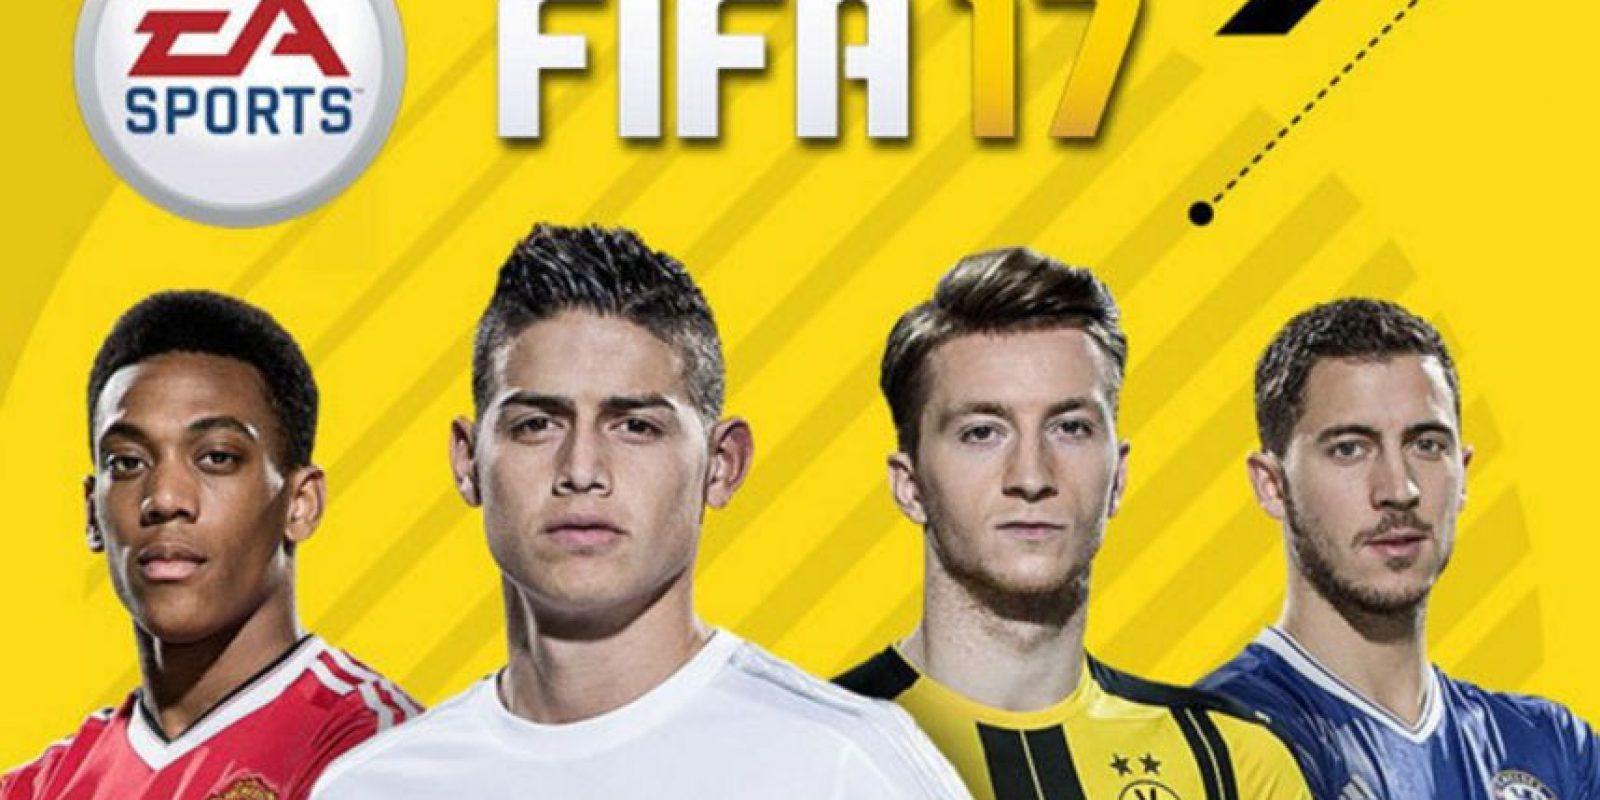 FIFA 17 salió al mercado el pasado 29 de septiembre Foto:FIFA 17